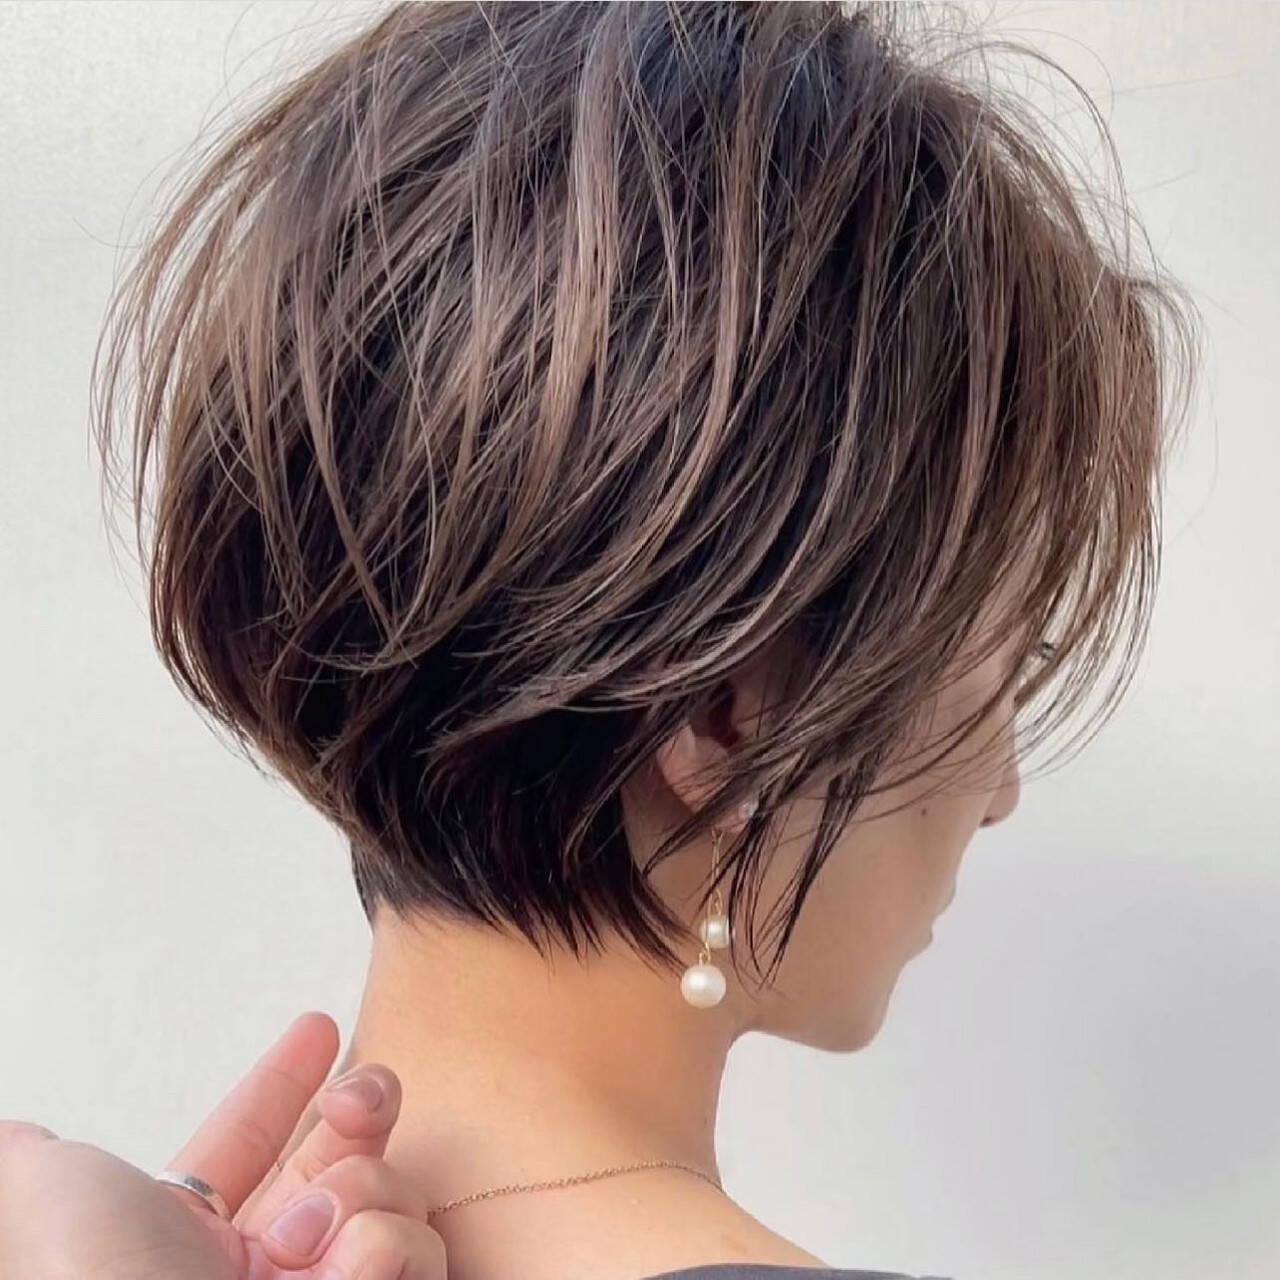 ショートヘア ショートボブ ショートカット ショートヘアスタイルや髪型の写真・画像